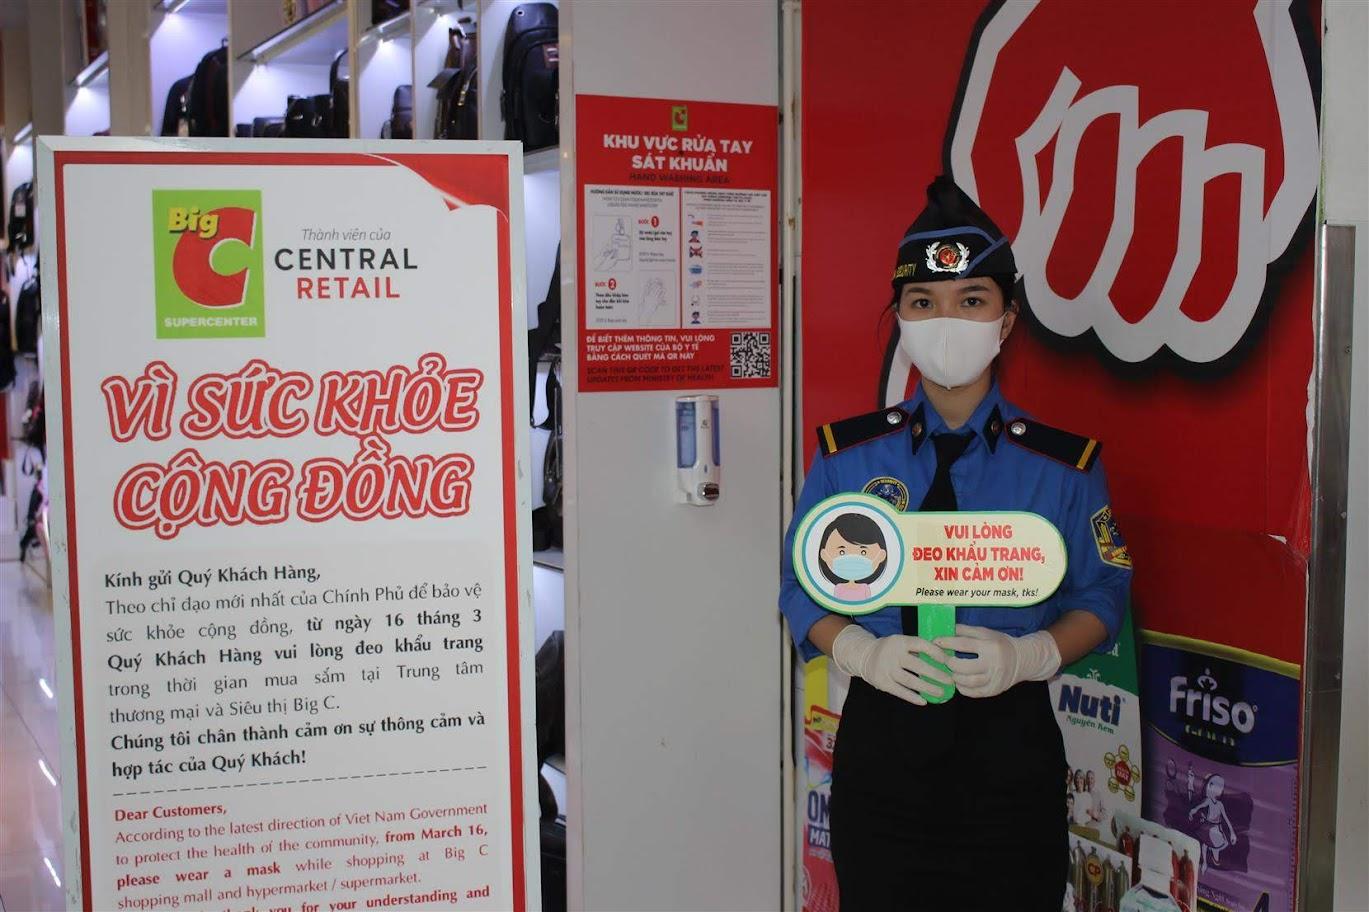 """Ngay lối vào cổng siêu thị Big C Vinh đã có bảng dựng với nội dung """"Từ ngày 16 tháng 3, quý khách vui lòng đeo khẩu trang trong thời gian mua sắm tại trung tâm thương mại và siêu thị Big C"""" bằng cả tiếng Việt và tiếng Anh."""